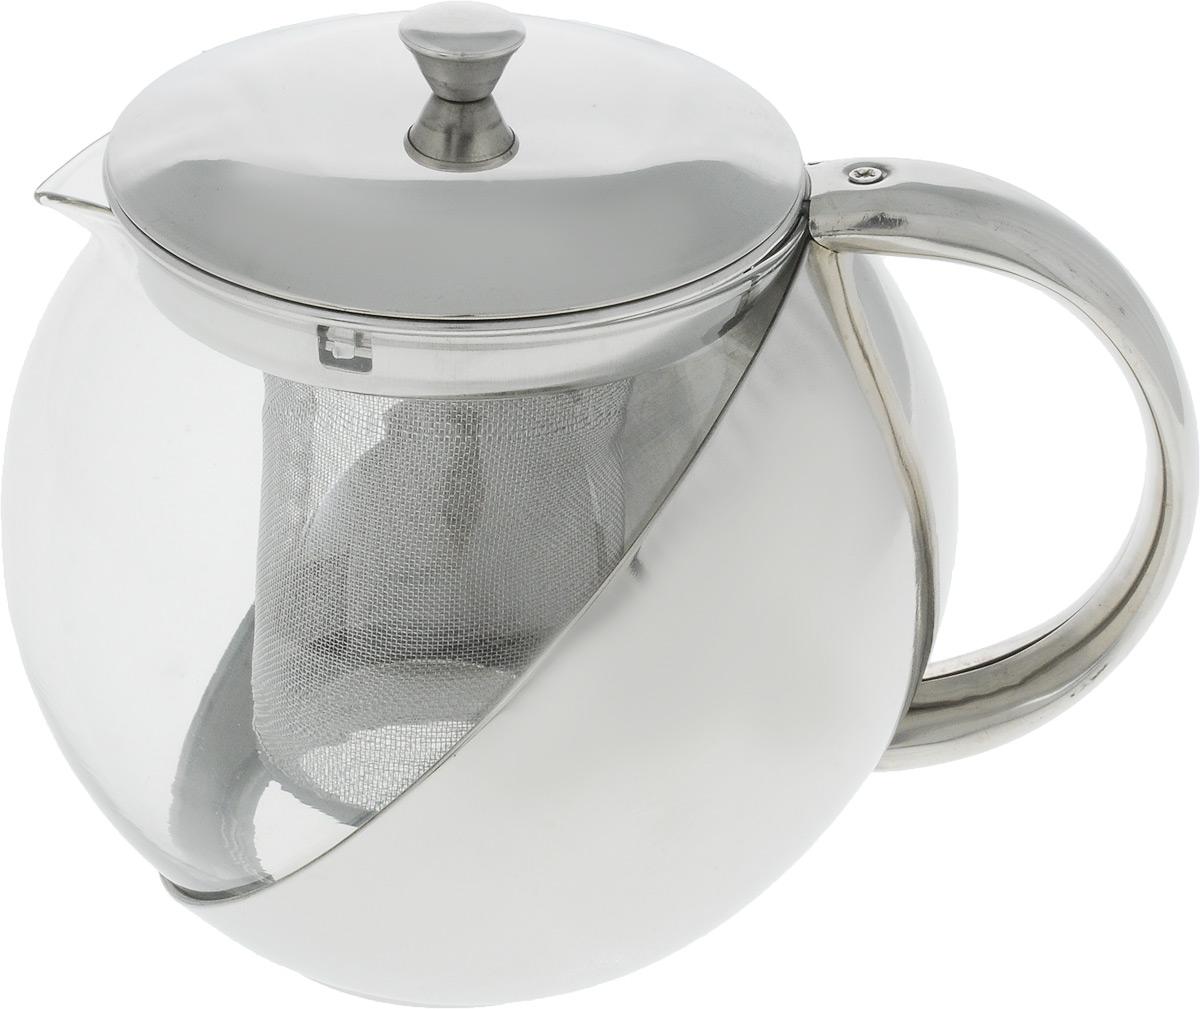 Чайник заварочный Wellberg, 1 л. 6876 WB391602Заварочный чайник Wellberg WB-6870 из стекла и нержавеющей стали прекрасно подойдет для кухни в стиле Hi-tech. Объем чайника составляет 1 литр, что вполне хватит для заваривания 4-5 чашек ароматного черного или травяного чая. Заварочный чайник оснащен качественным фильтром, эргономичной ручкой, удобный крышкой цвета металлик.